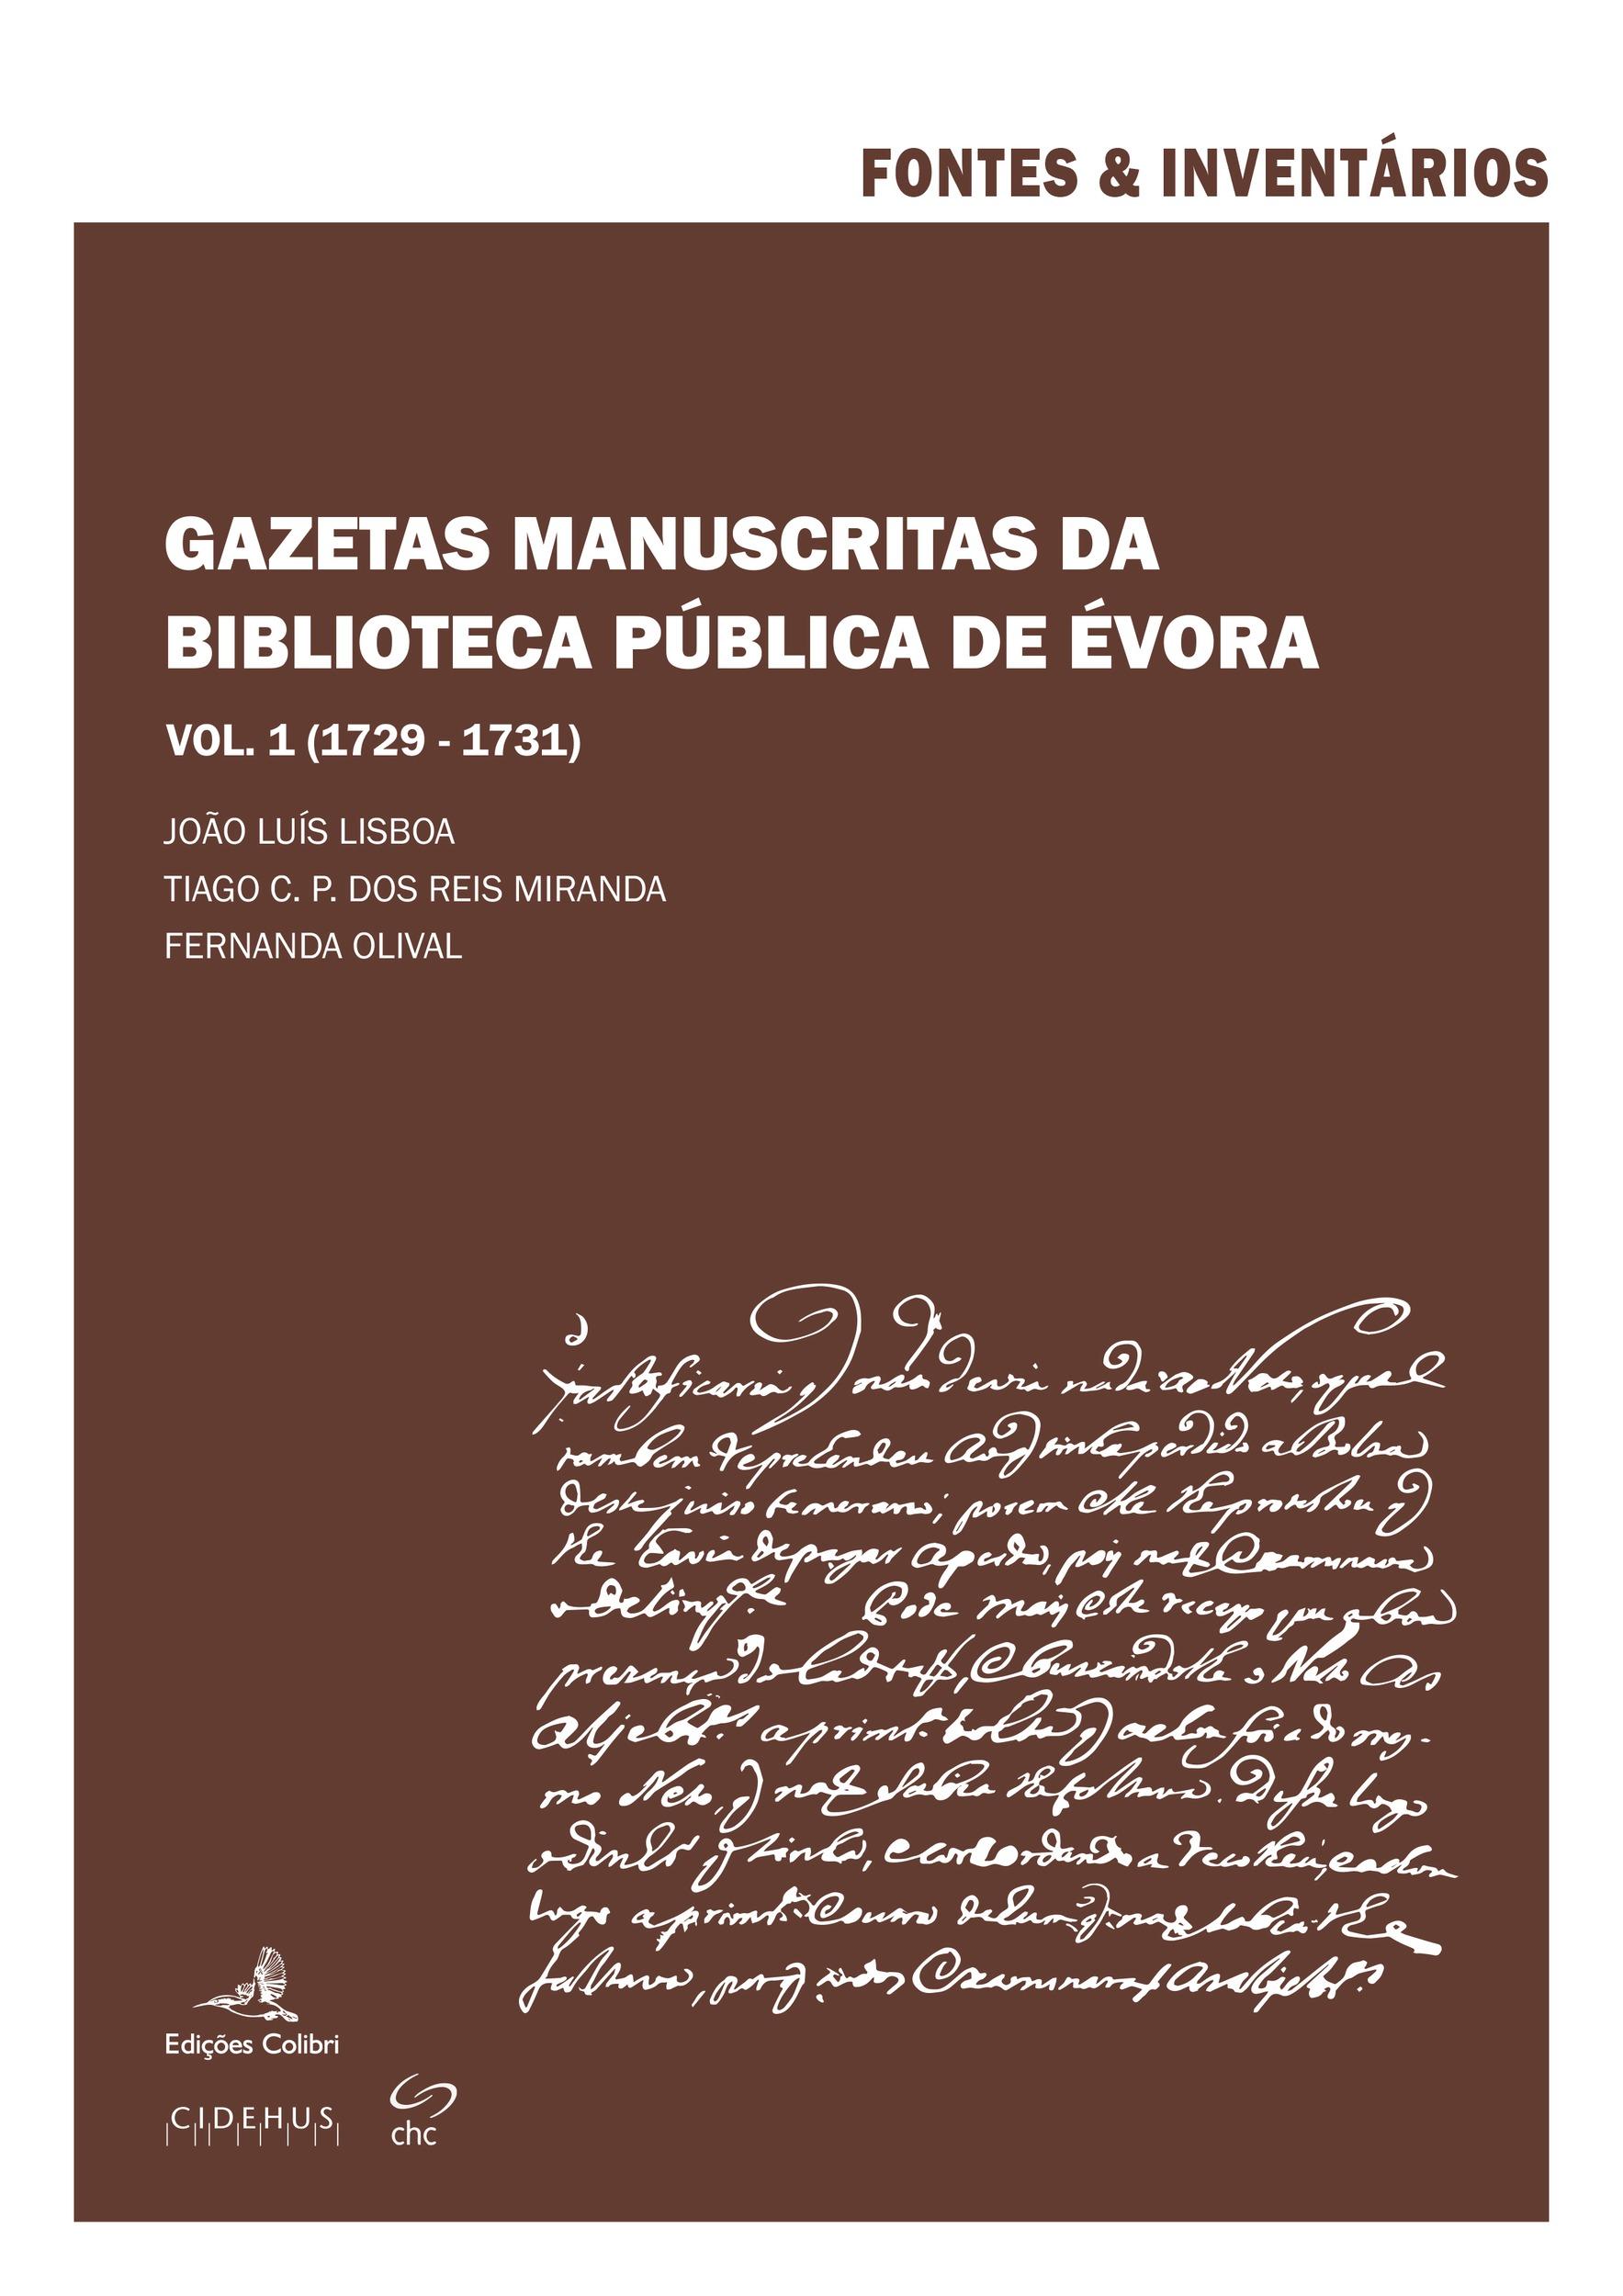 Gazetas Manuscritas da Biblioteca Pública de Évora. Vol. 1 (1729-1731)